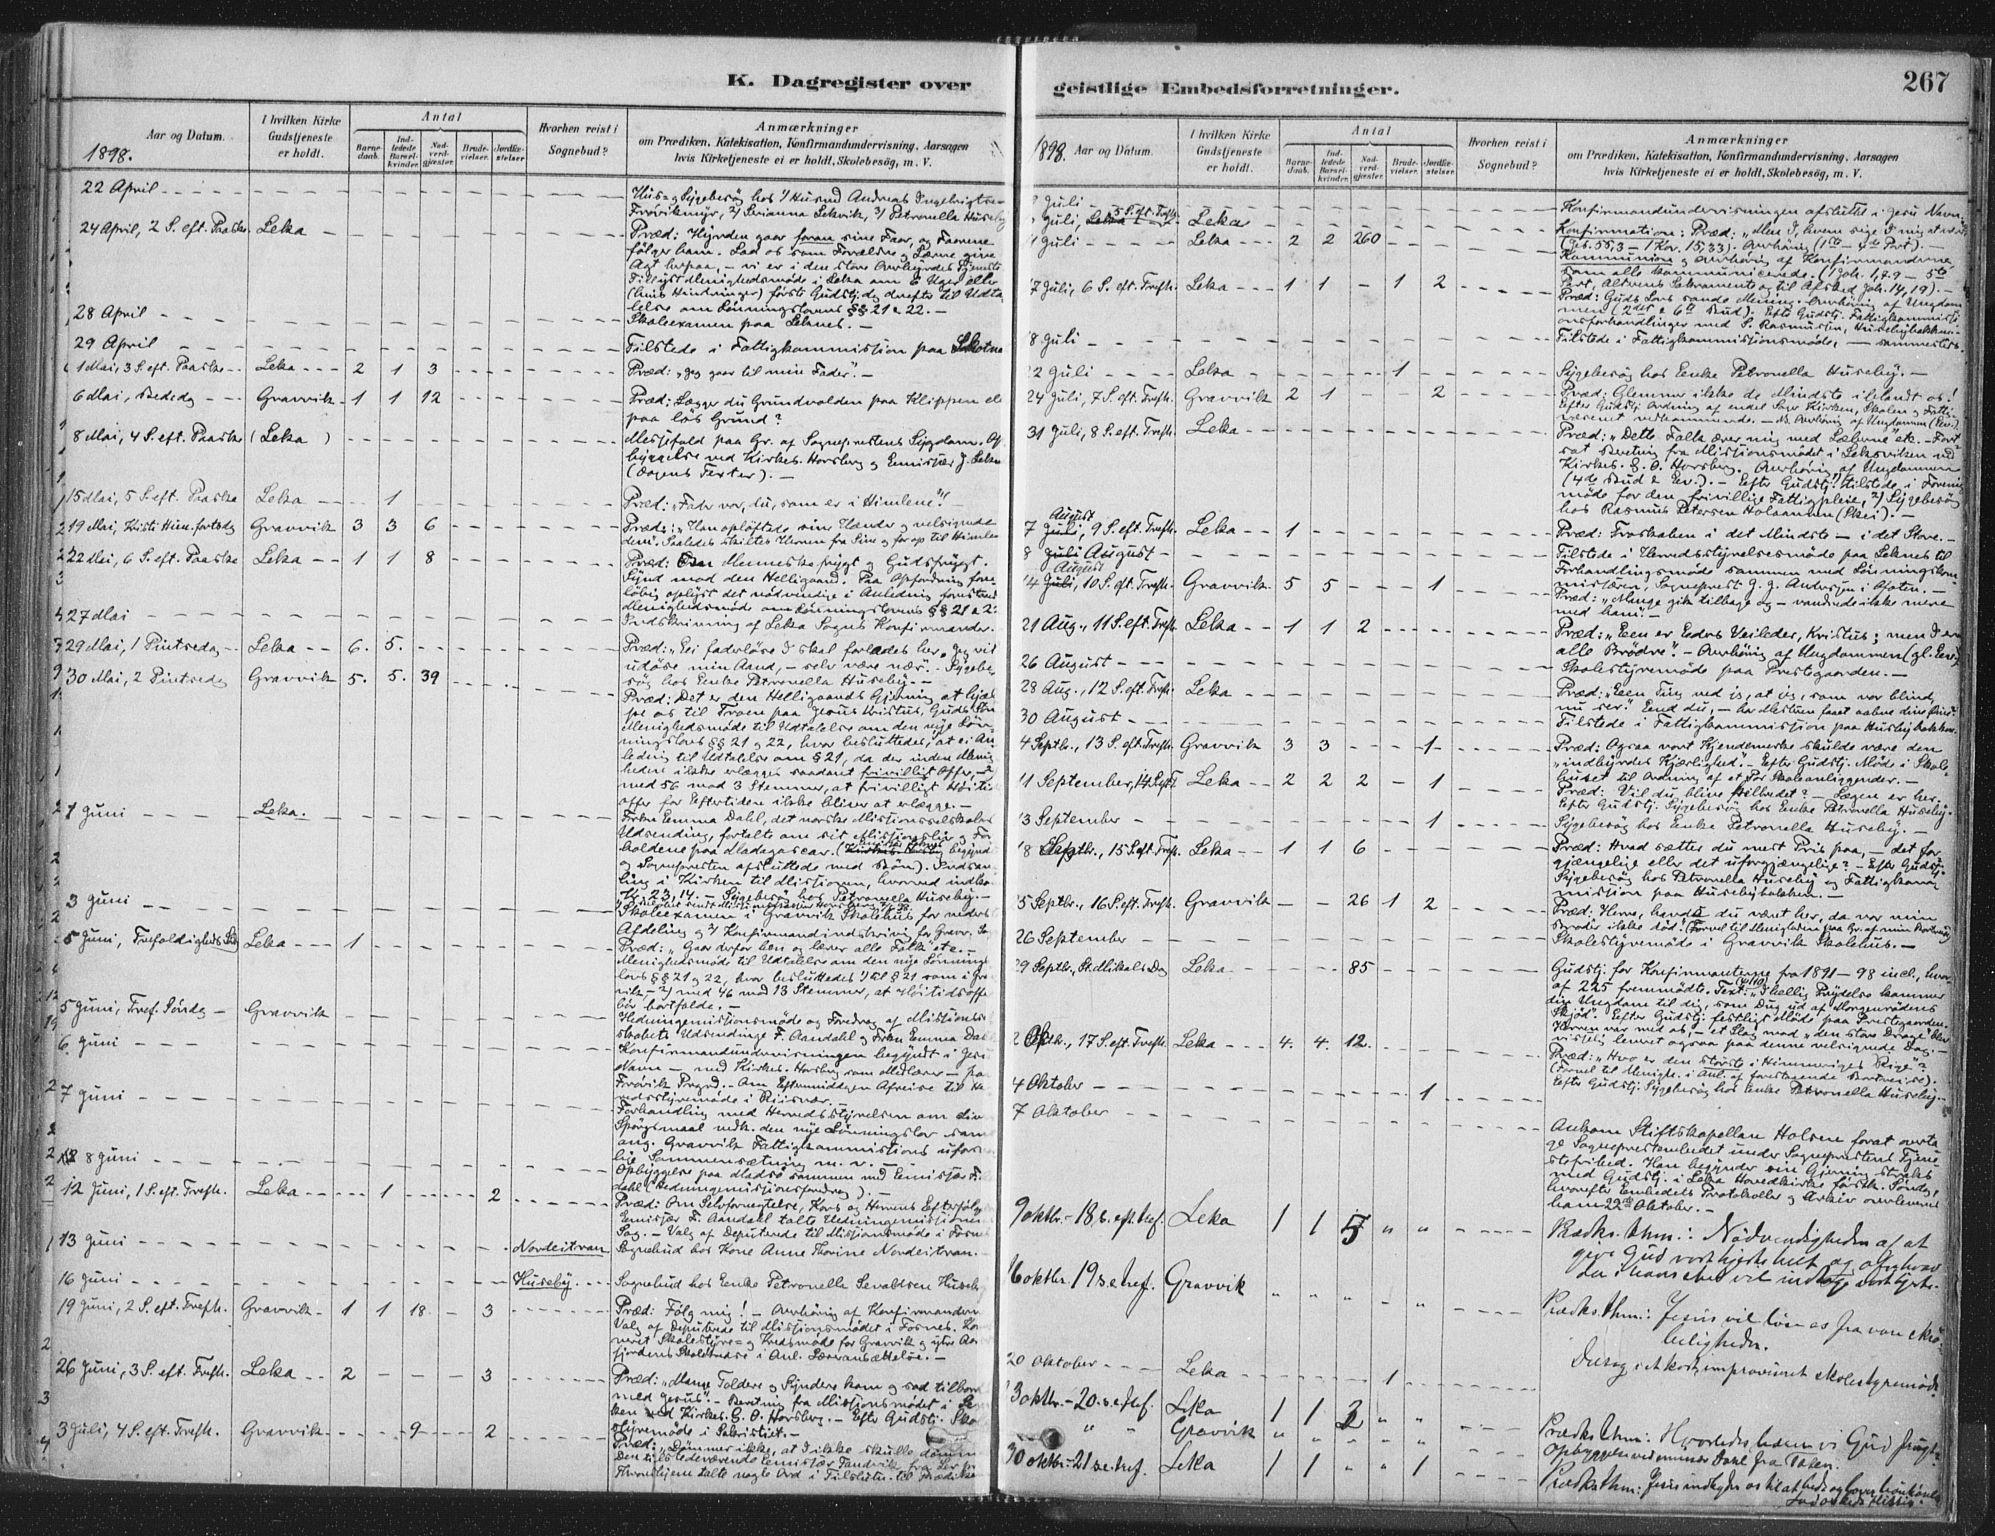 SAT, Ministerialprotokoller, klokkerbøker og fødselsregistre - Nord-Trøndelag, 788/L0697: Ministerialbok nr. 788A04, 1878-1902, s. 267